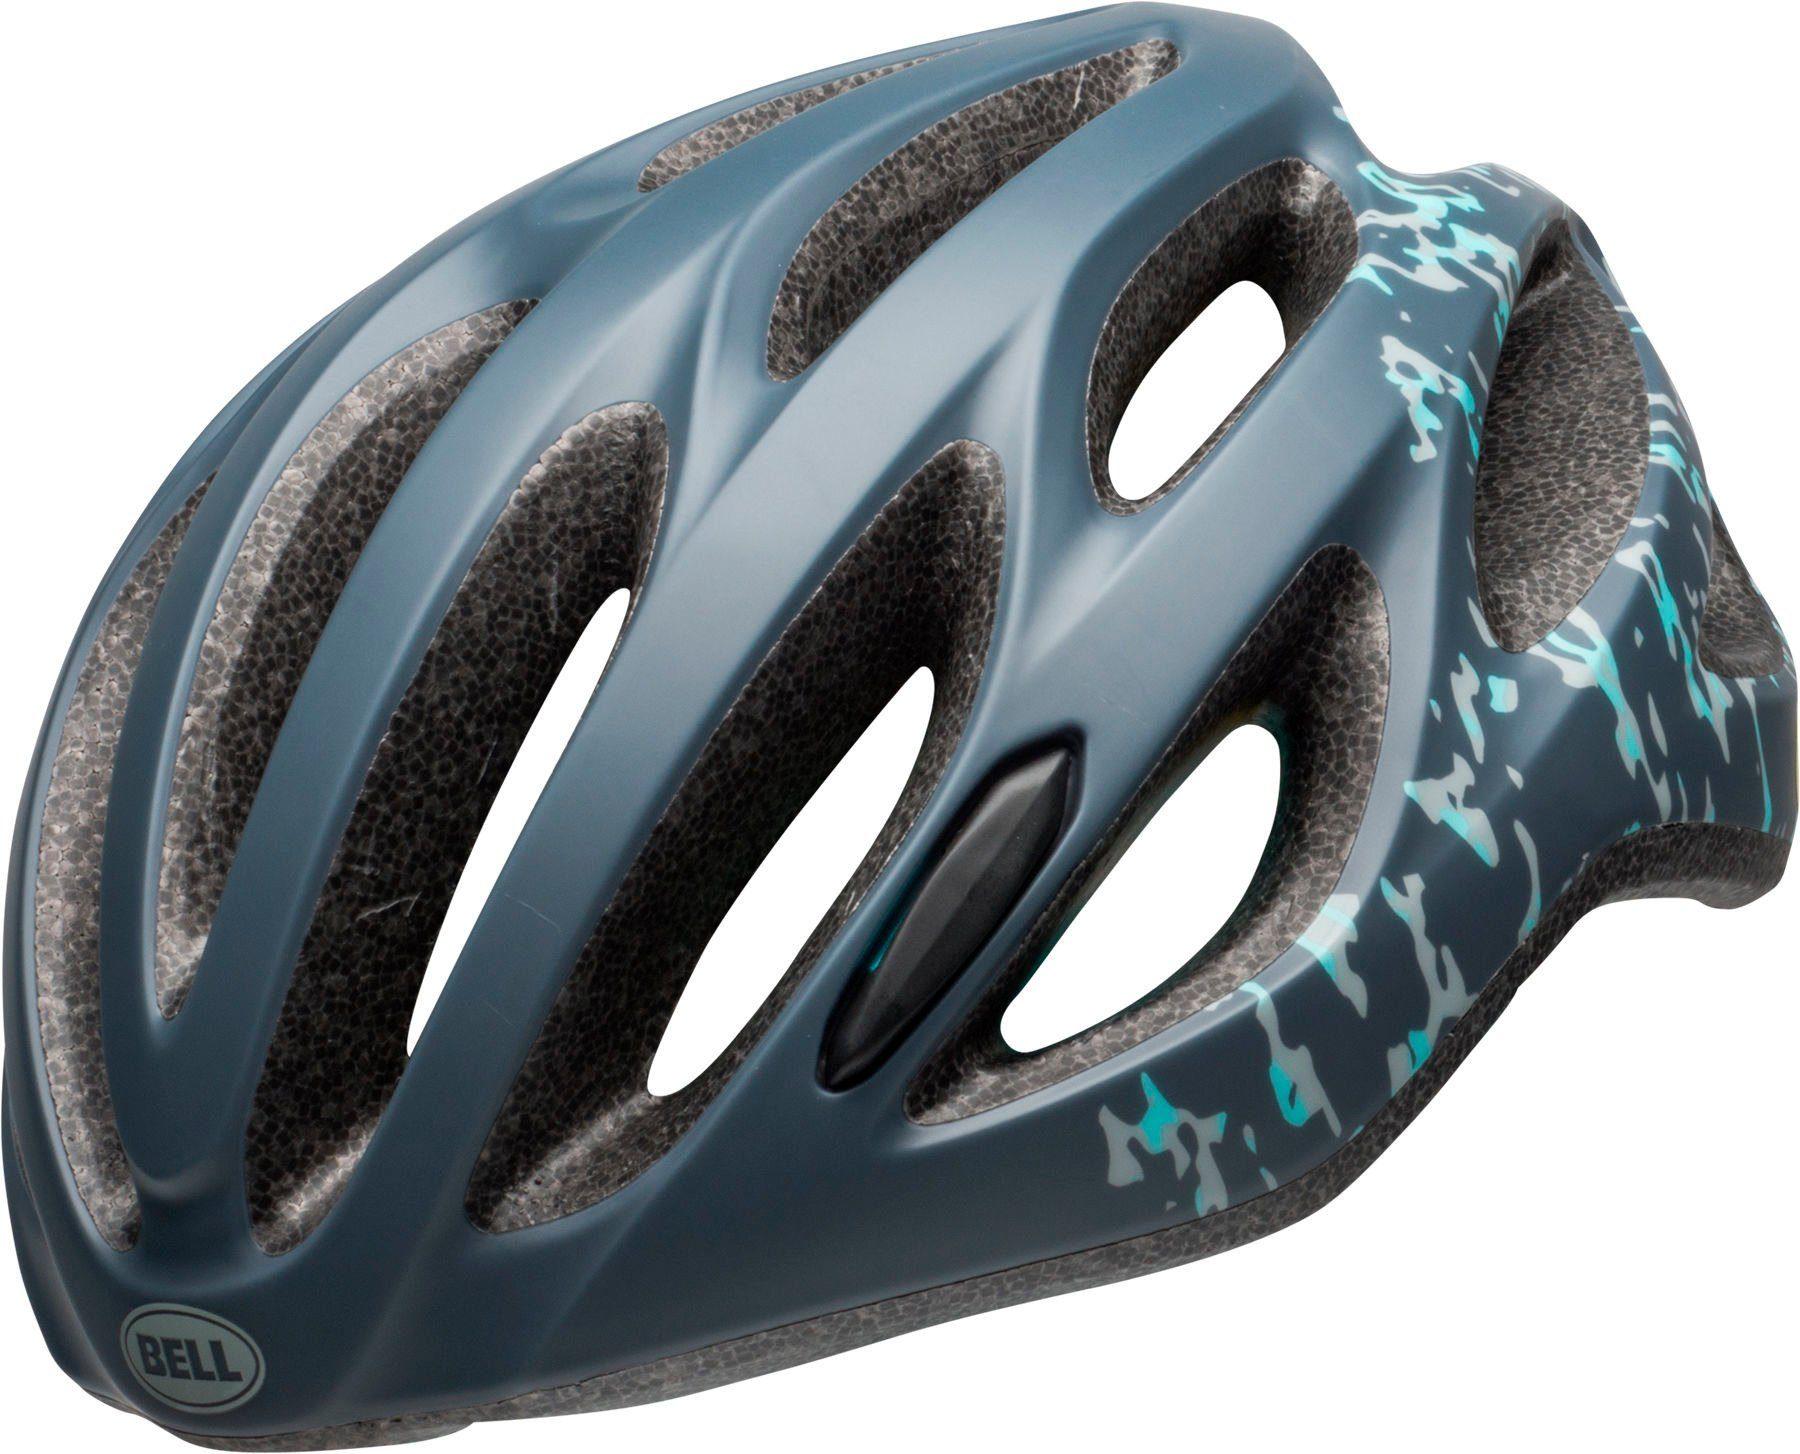 Bell Fahrradhelm »Tempo Joyride Sport Helmet«